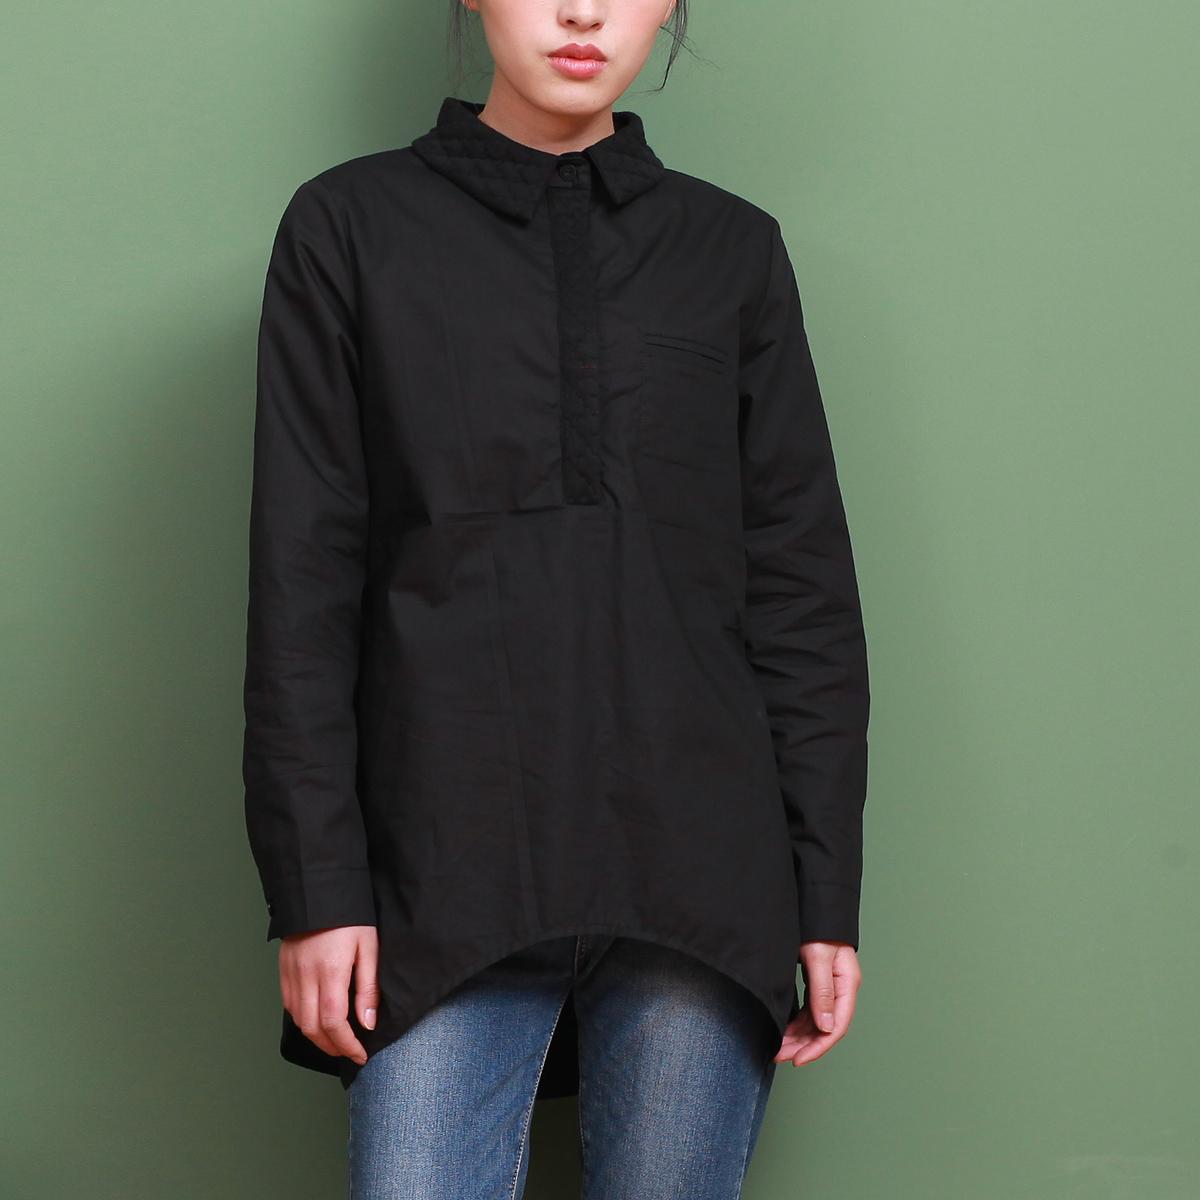 женская рубашка Of e/ZY 115827 EZY Mm jw075a1 e